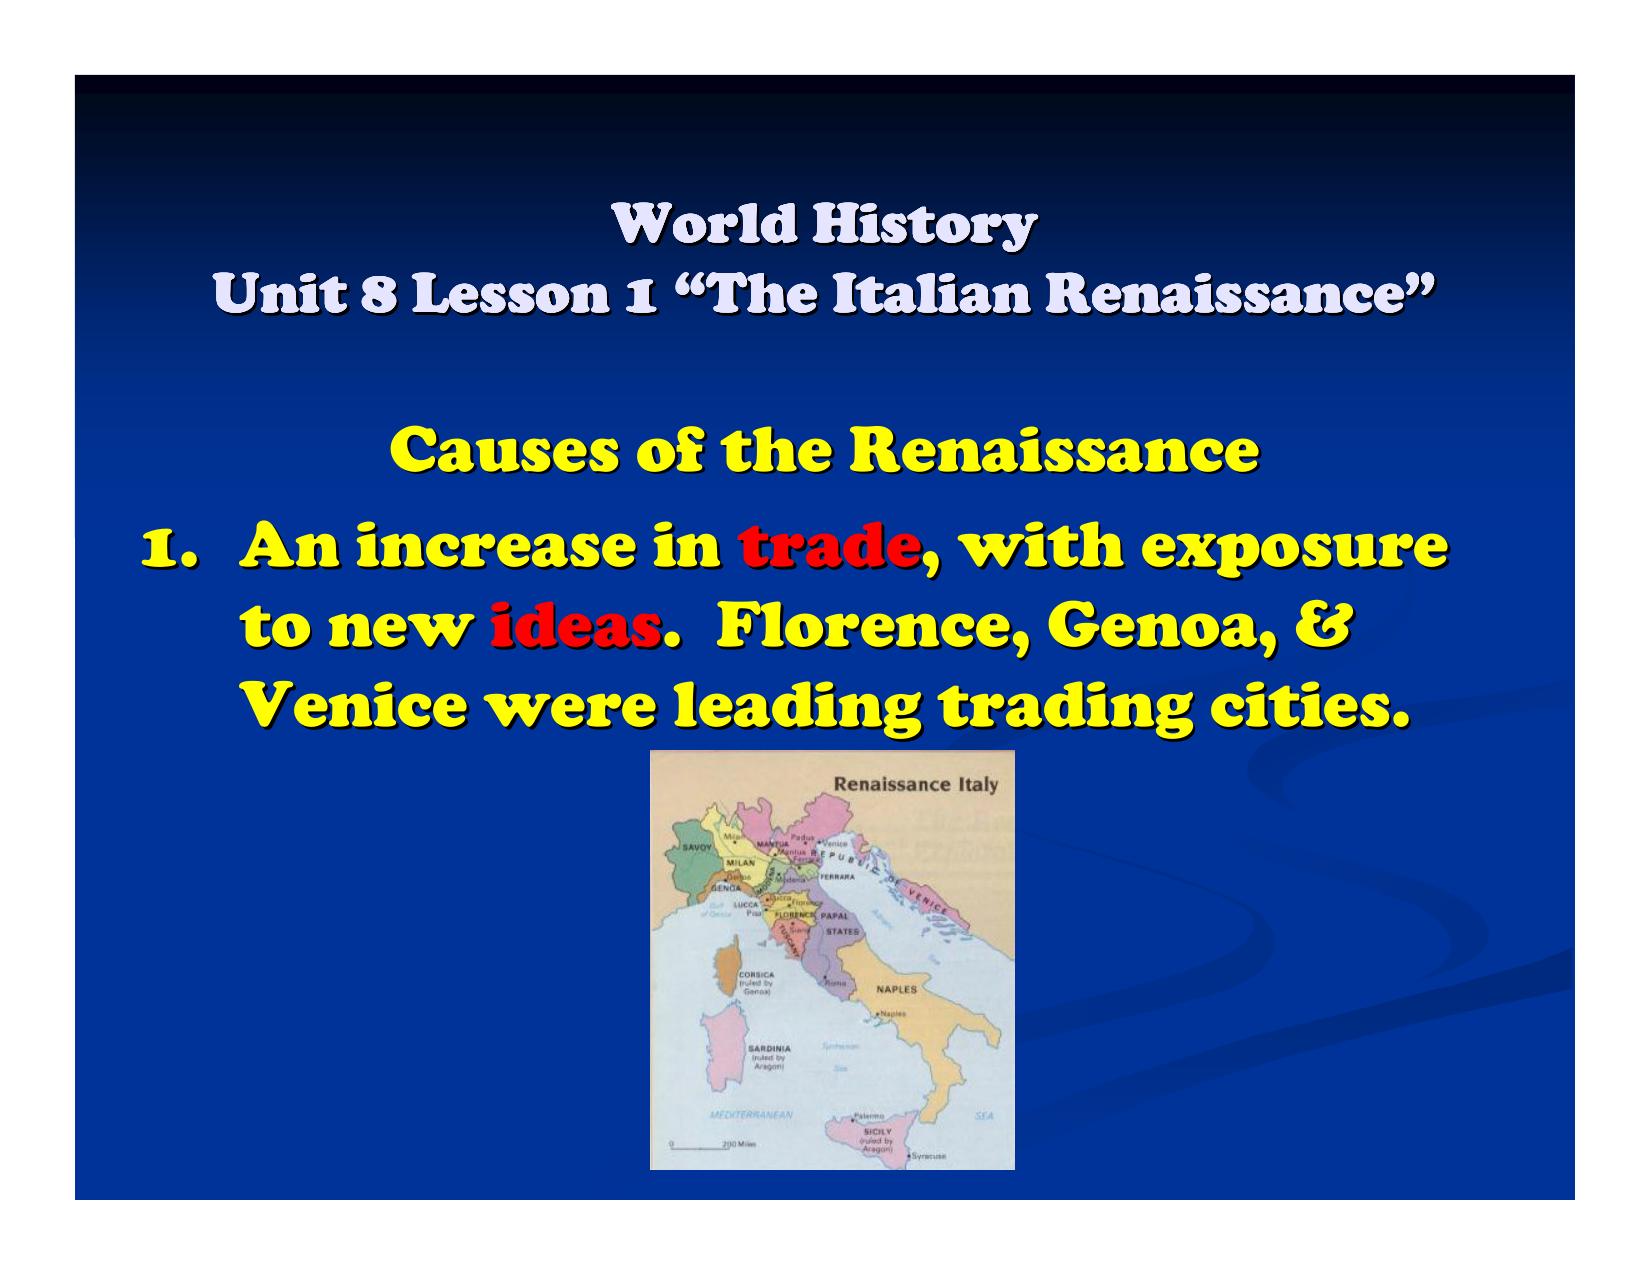 renaissance definition